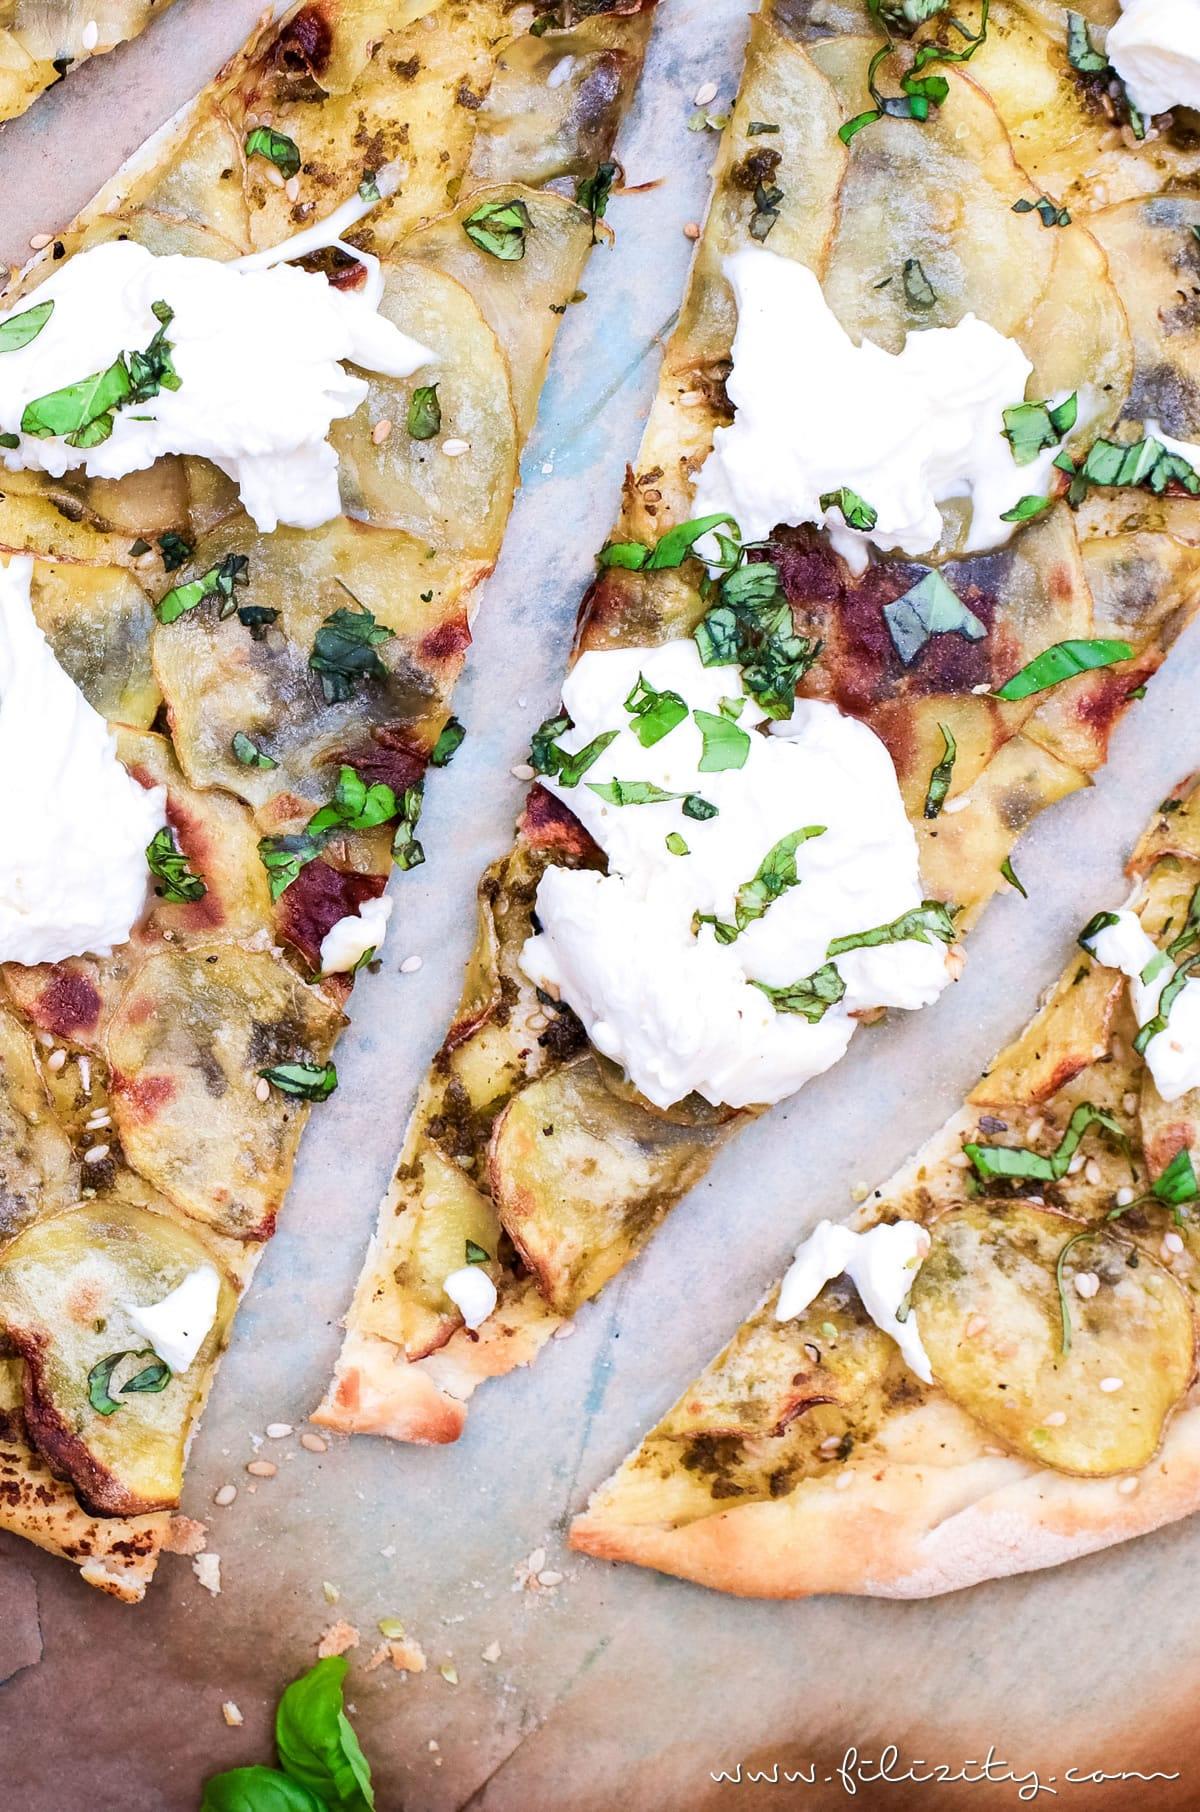 Kartoffel-Pizza mit Pesto - Mein bestes Rezept (auch vegan) | Filizity.com | Food-Blog aus dem Rheinland #pizza #veggie